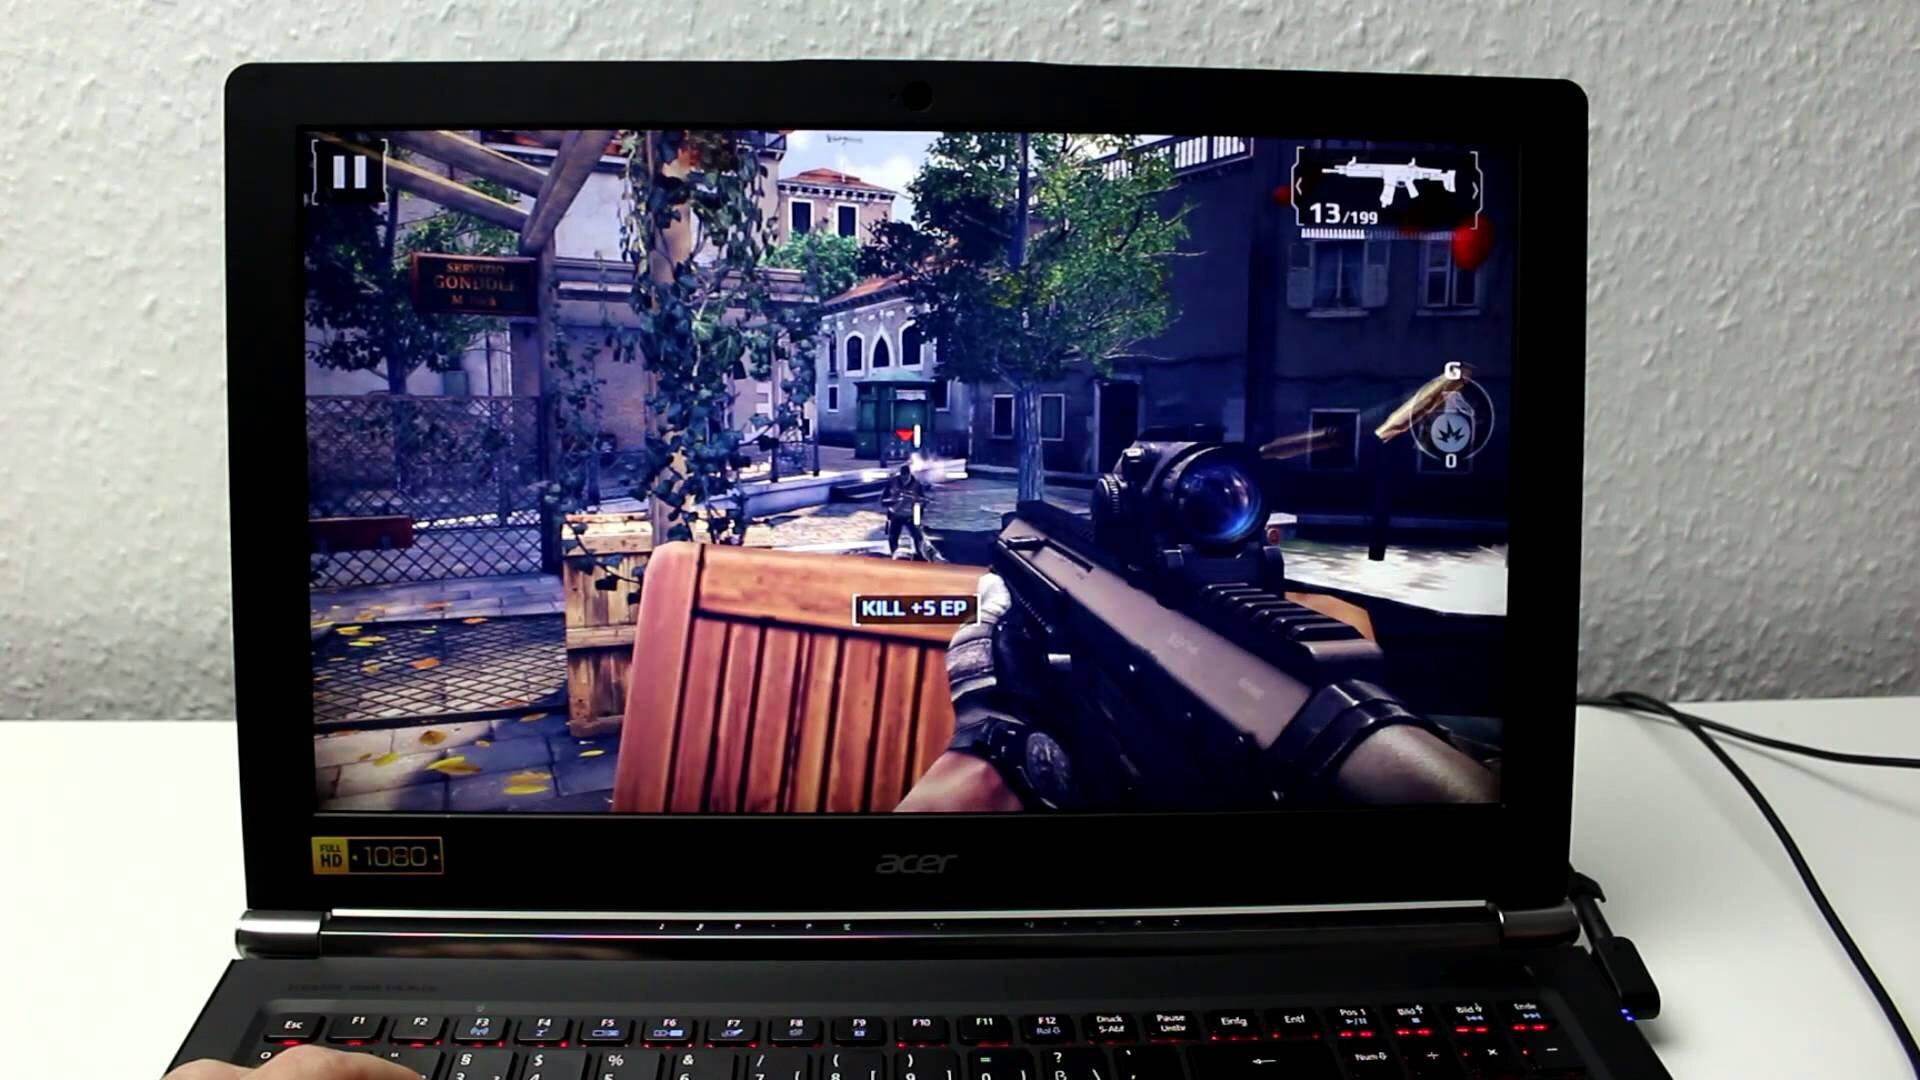 Đánh giá Acer Aspire V15 Nitro Black Edition: Cấu hình khủng trong tầm giá 25 triệu